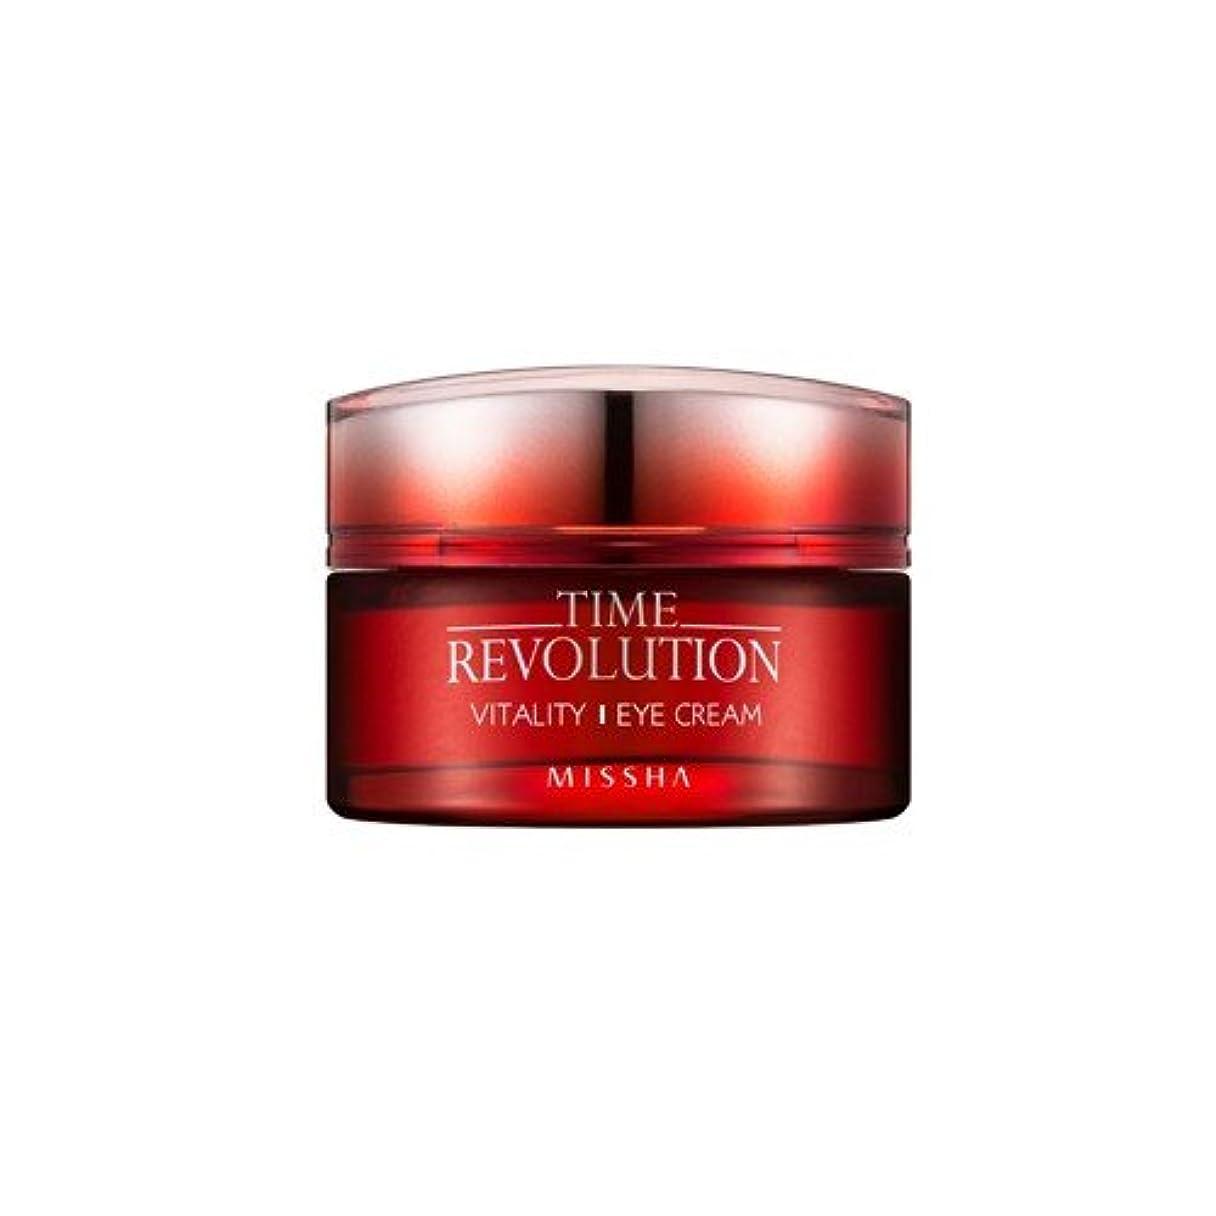 抱擁恩赦に対応するMISSHA time revolution vitality eye cream (ミシャ タイムレボリューション バイタリティー アイクリーム)25ml